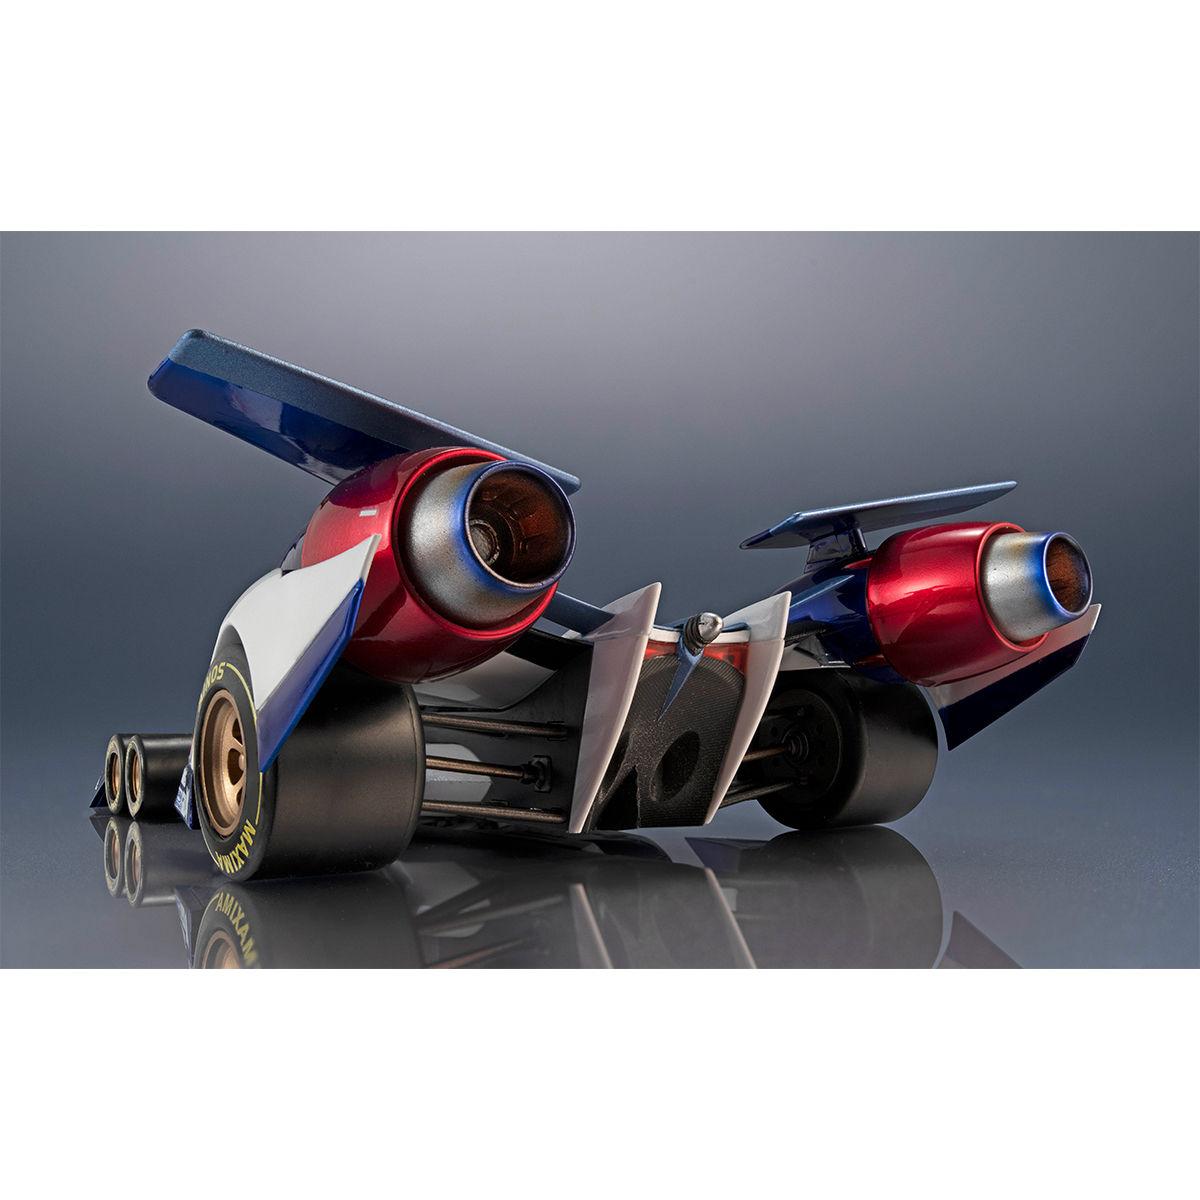 ヴァリアブルアクション『νアスラーダAKF-0/G -Livery Edition-』サイバーフォーミュラSIN 1/24 完成品モデル-008